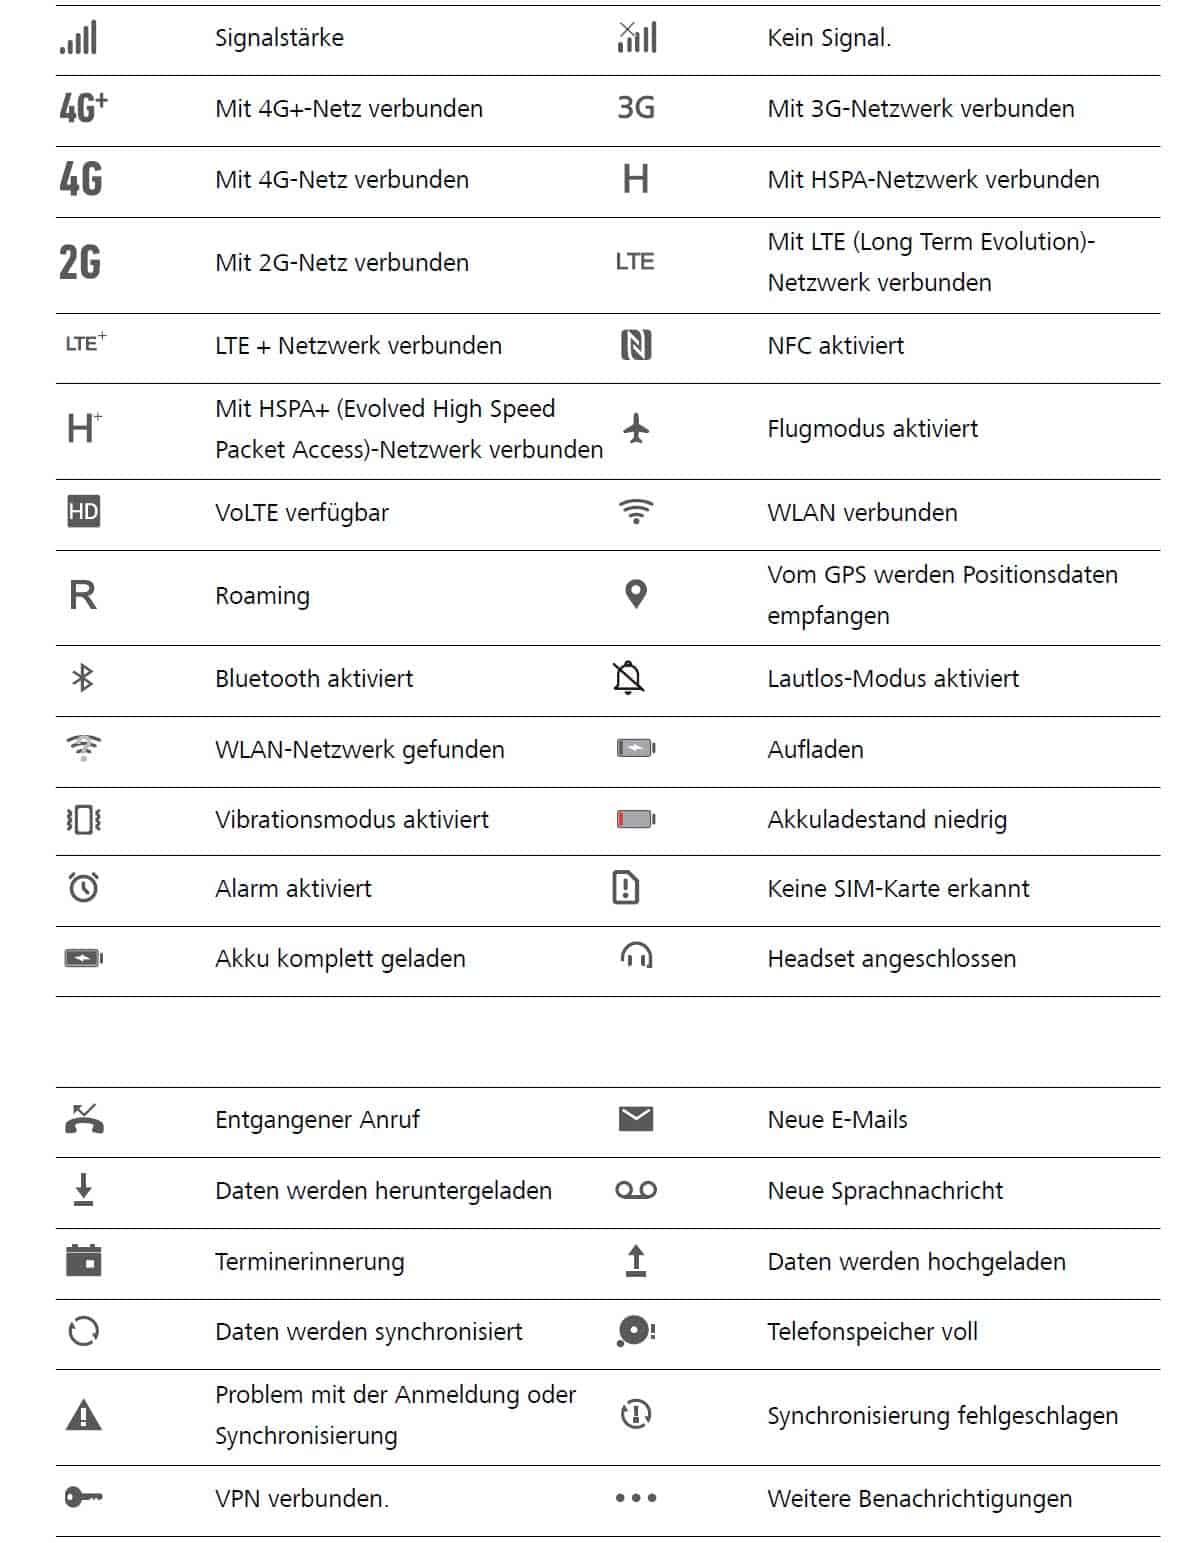 Auflistung der Symbole des Huawei P smart 2019